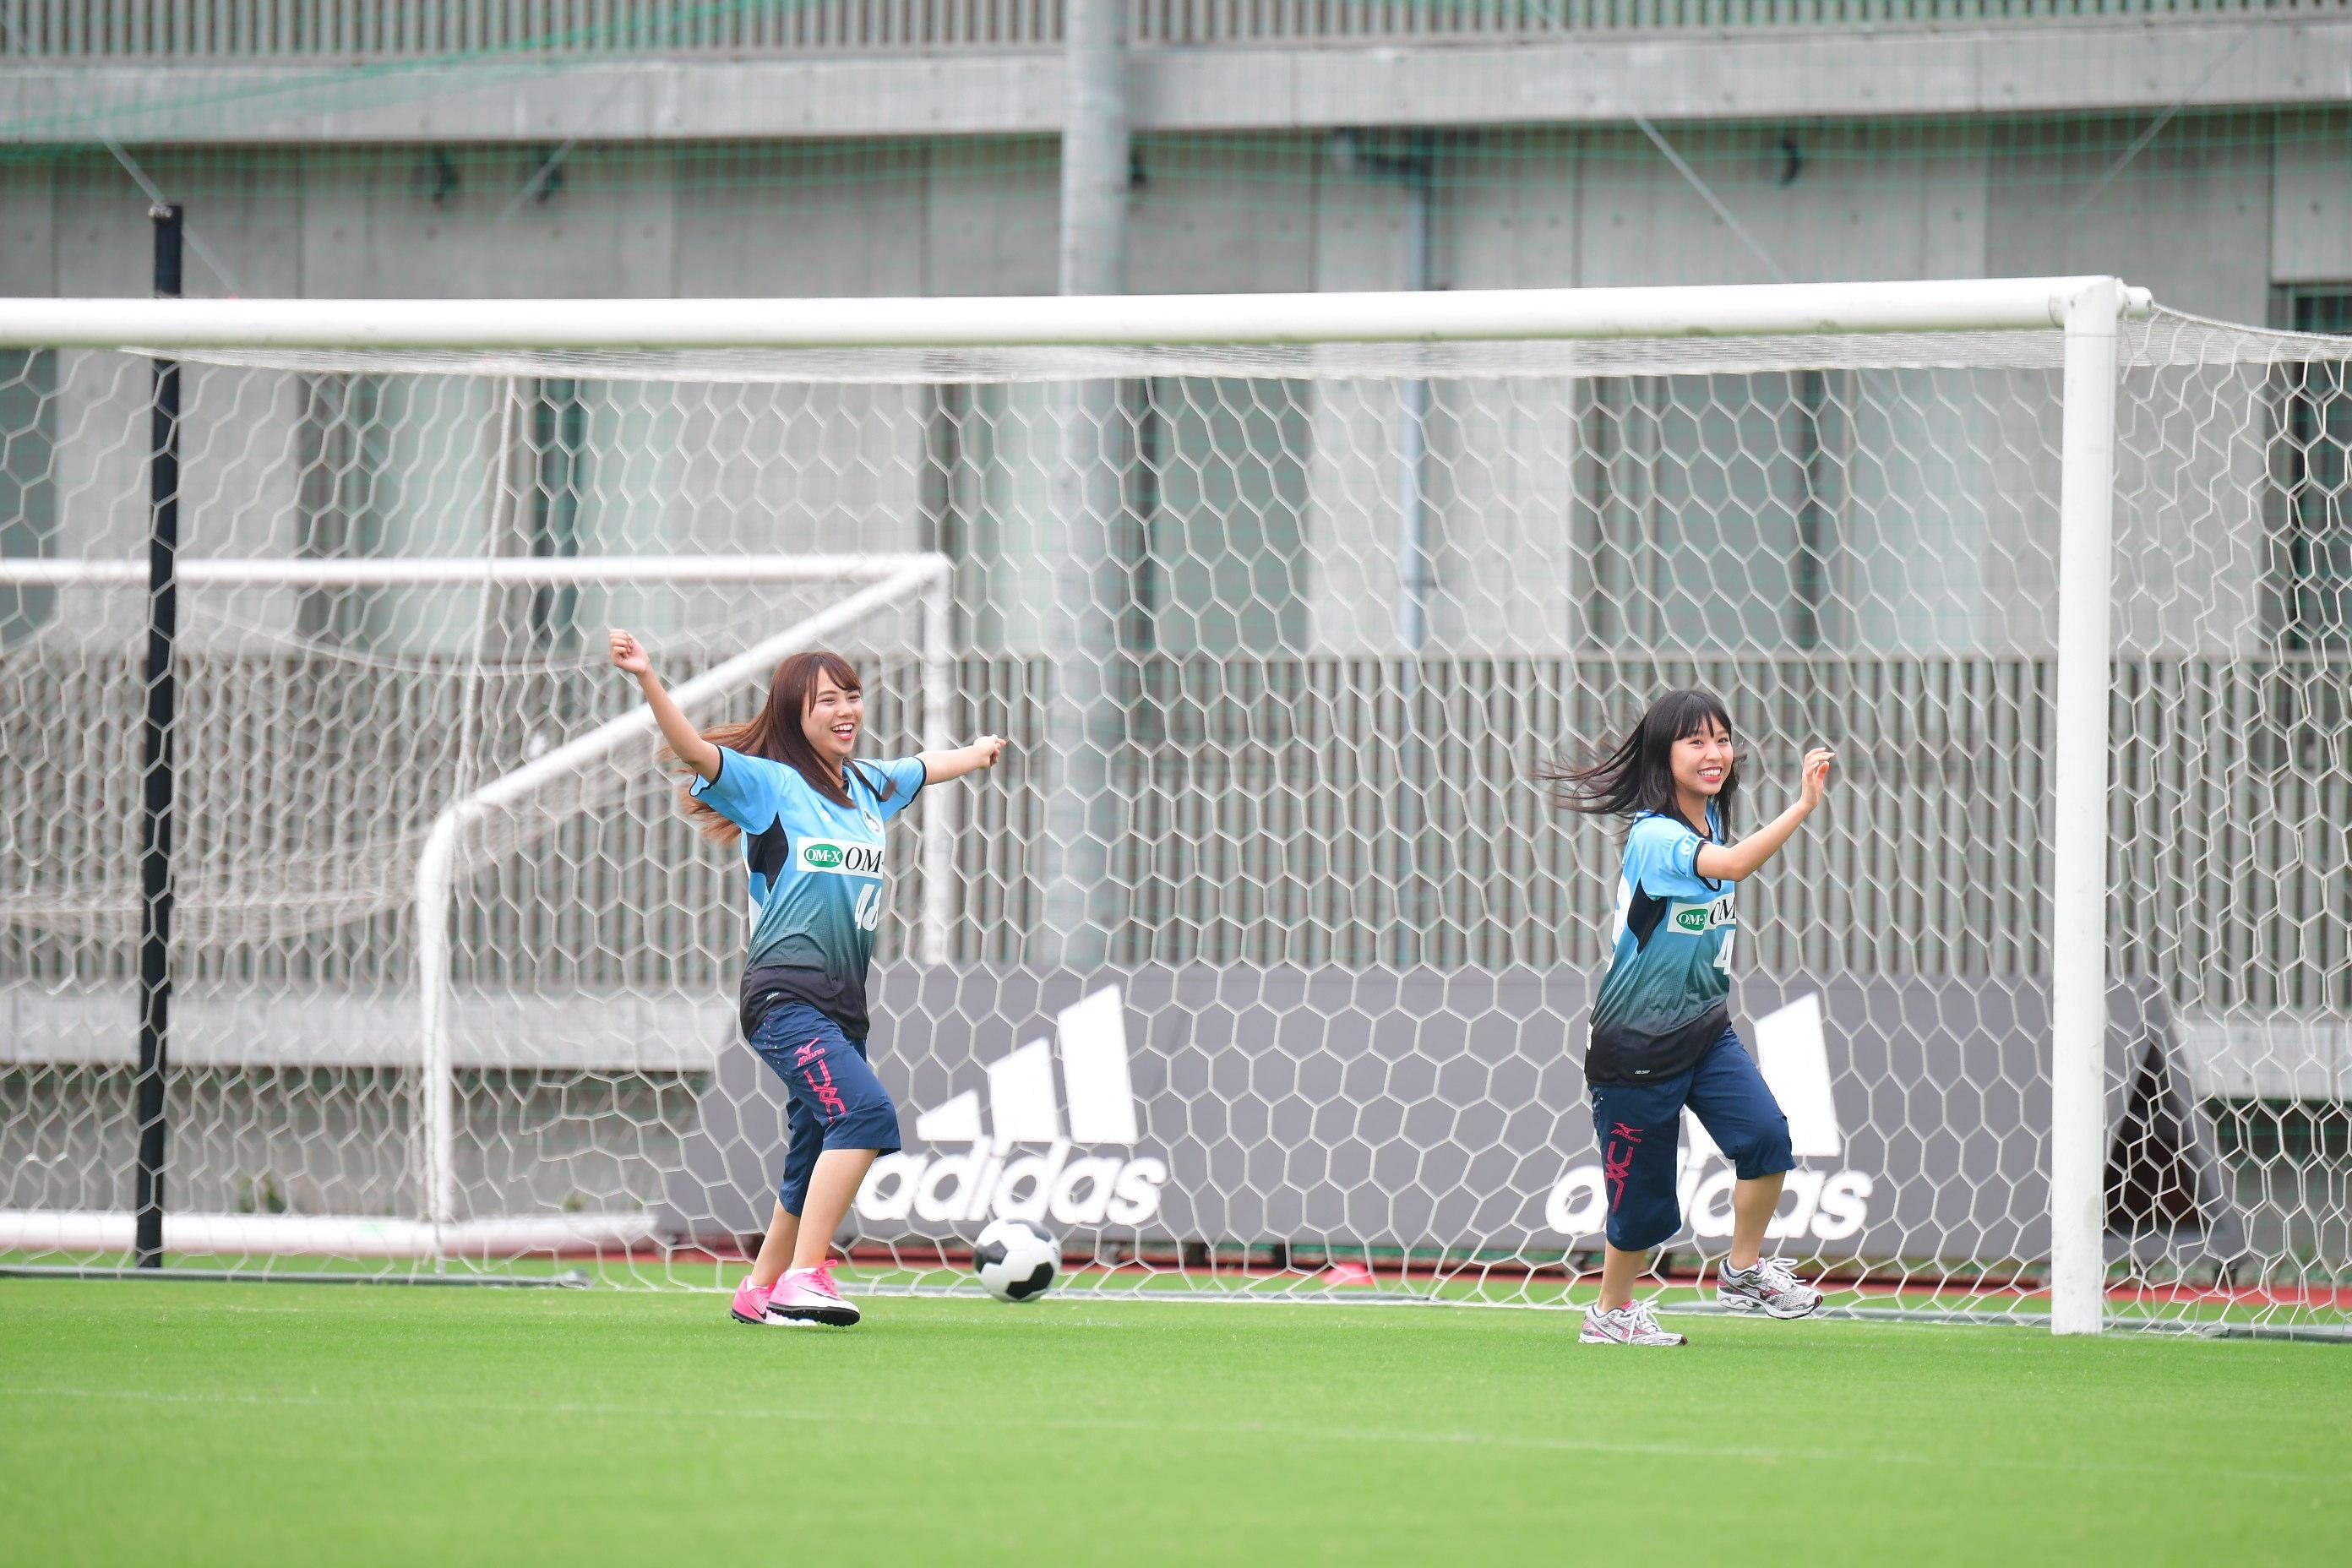 http://news.yoshimoto.co.jp/20180729204711-3d2bdf980588f74be7bf4d62a3201b141a189915.jpg